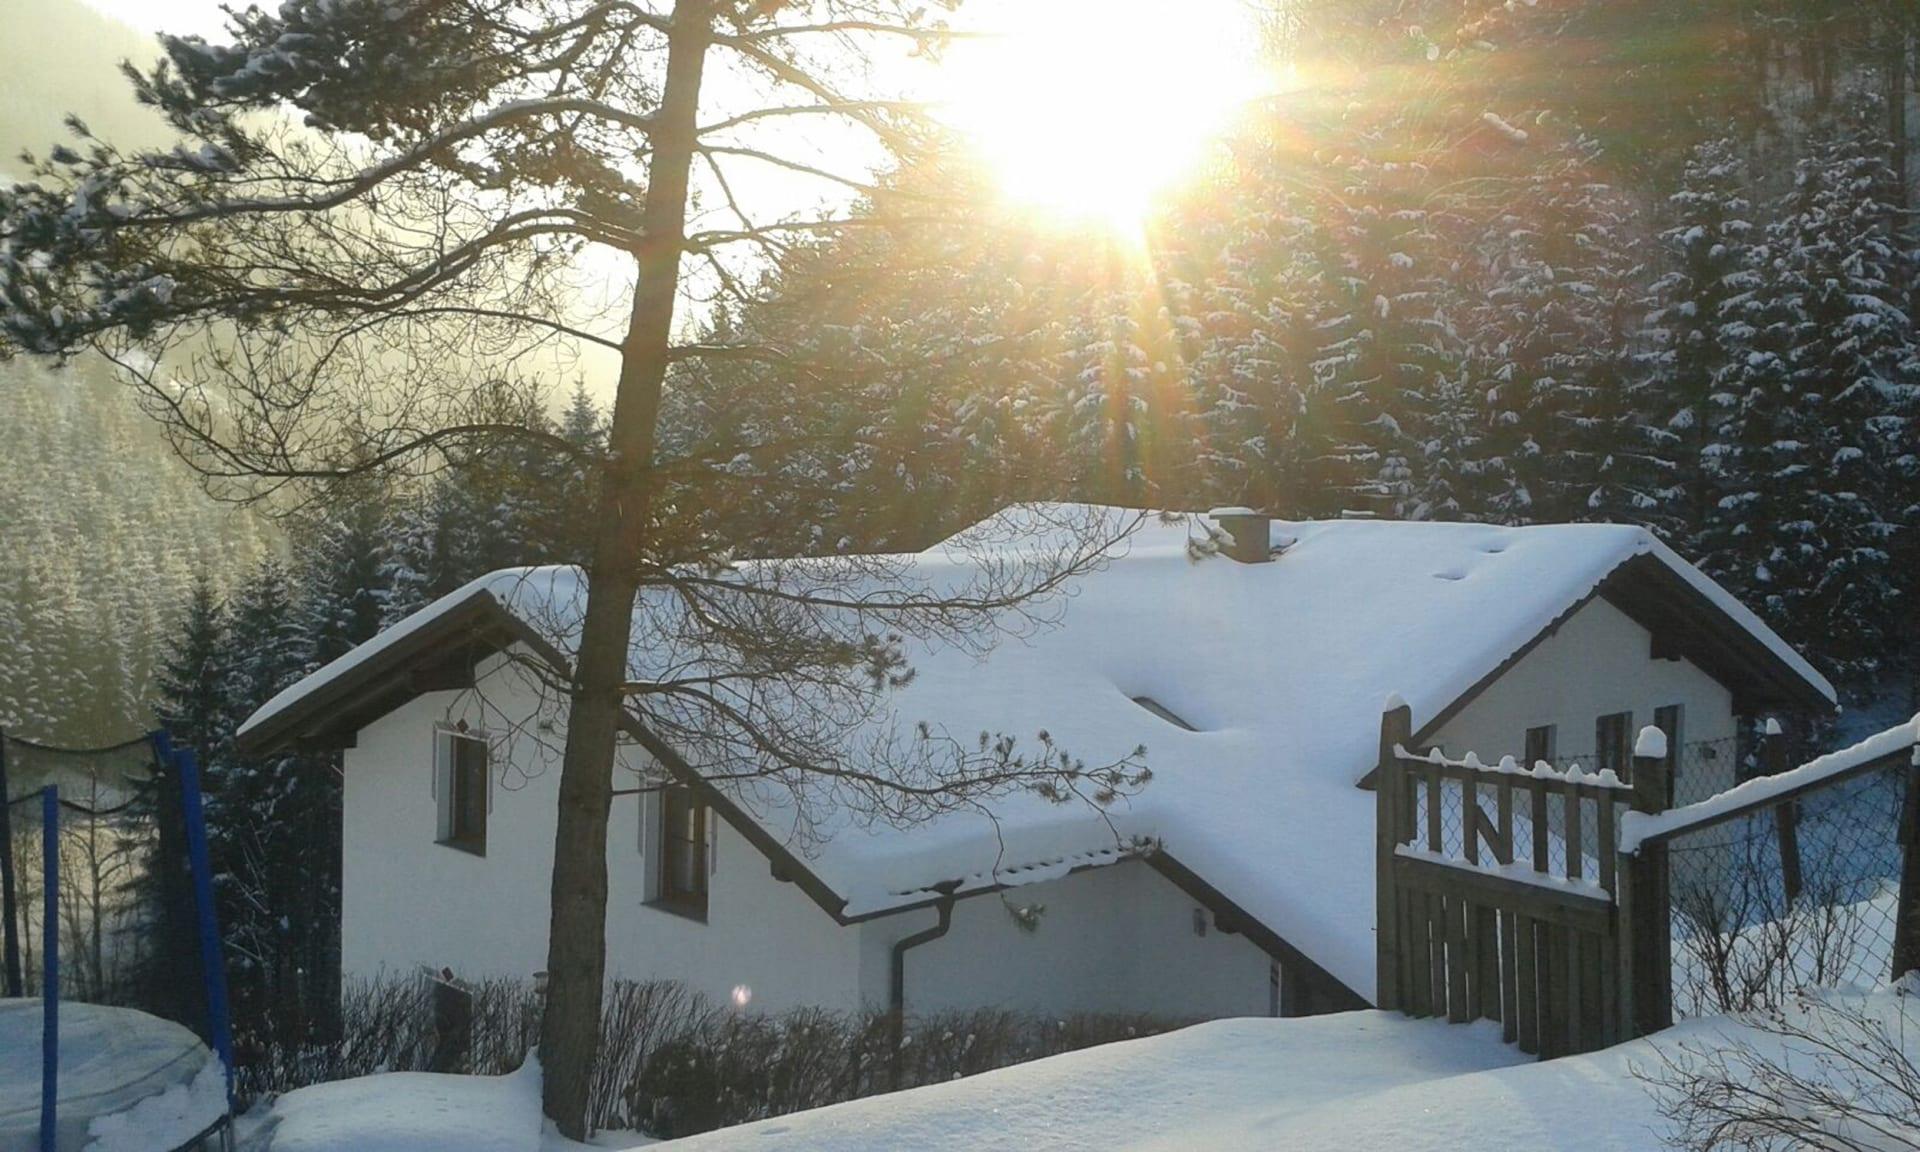 Ferienwohnung Familie Reisenbichler - Startfoto Winter